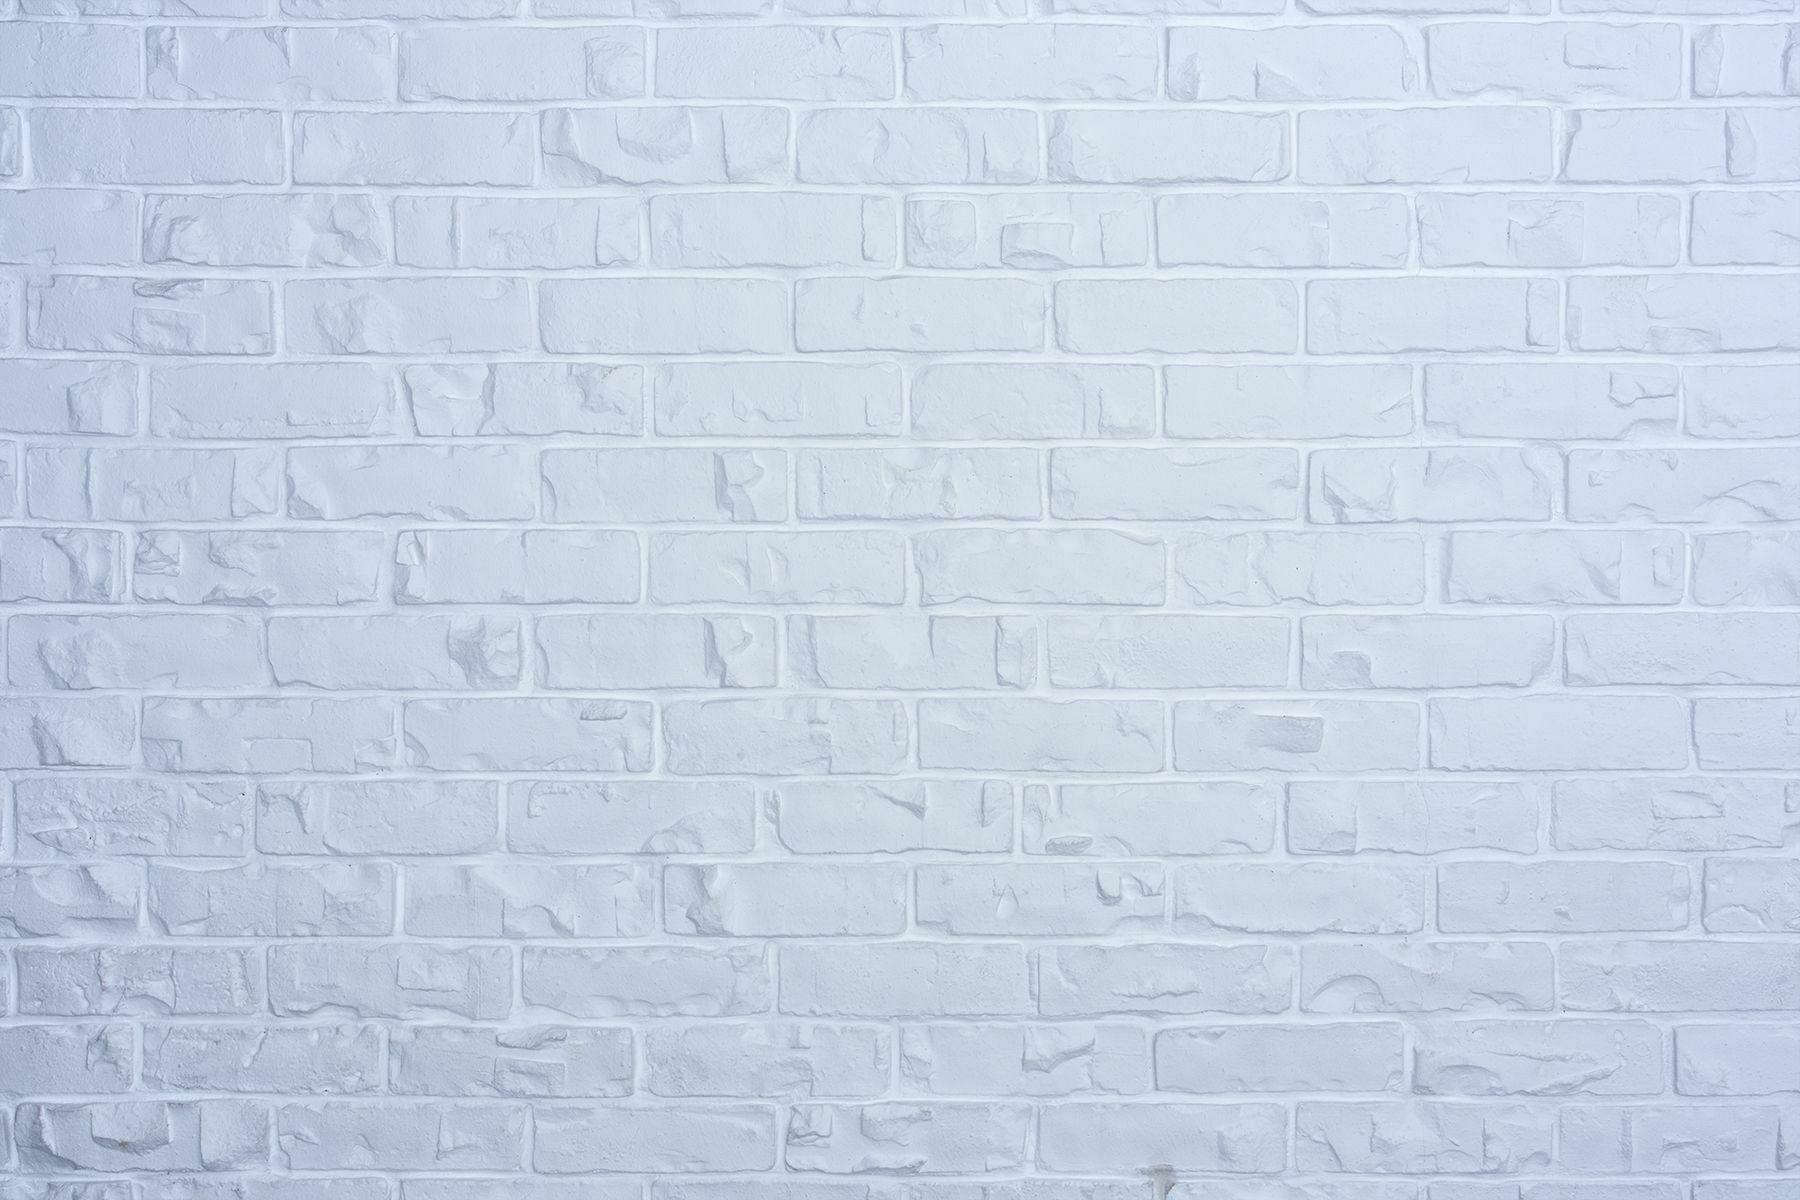 Studio TERRANOVA Bst  白ホリ+ハウススタジオ  (スタジオテラノヴァ)ビル前駐車場 最大2台分利用可能